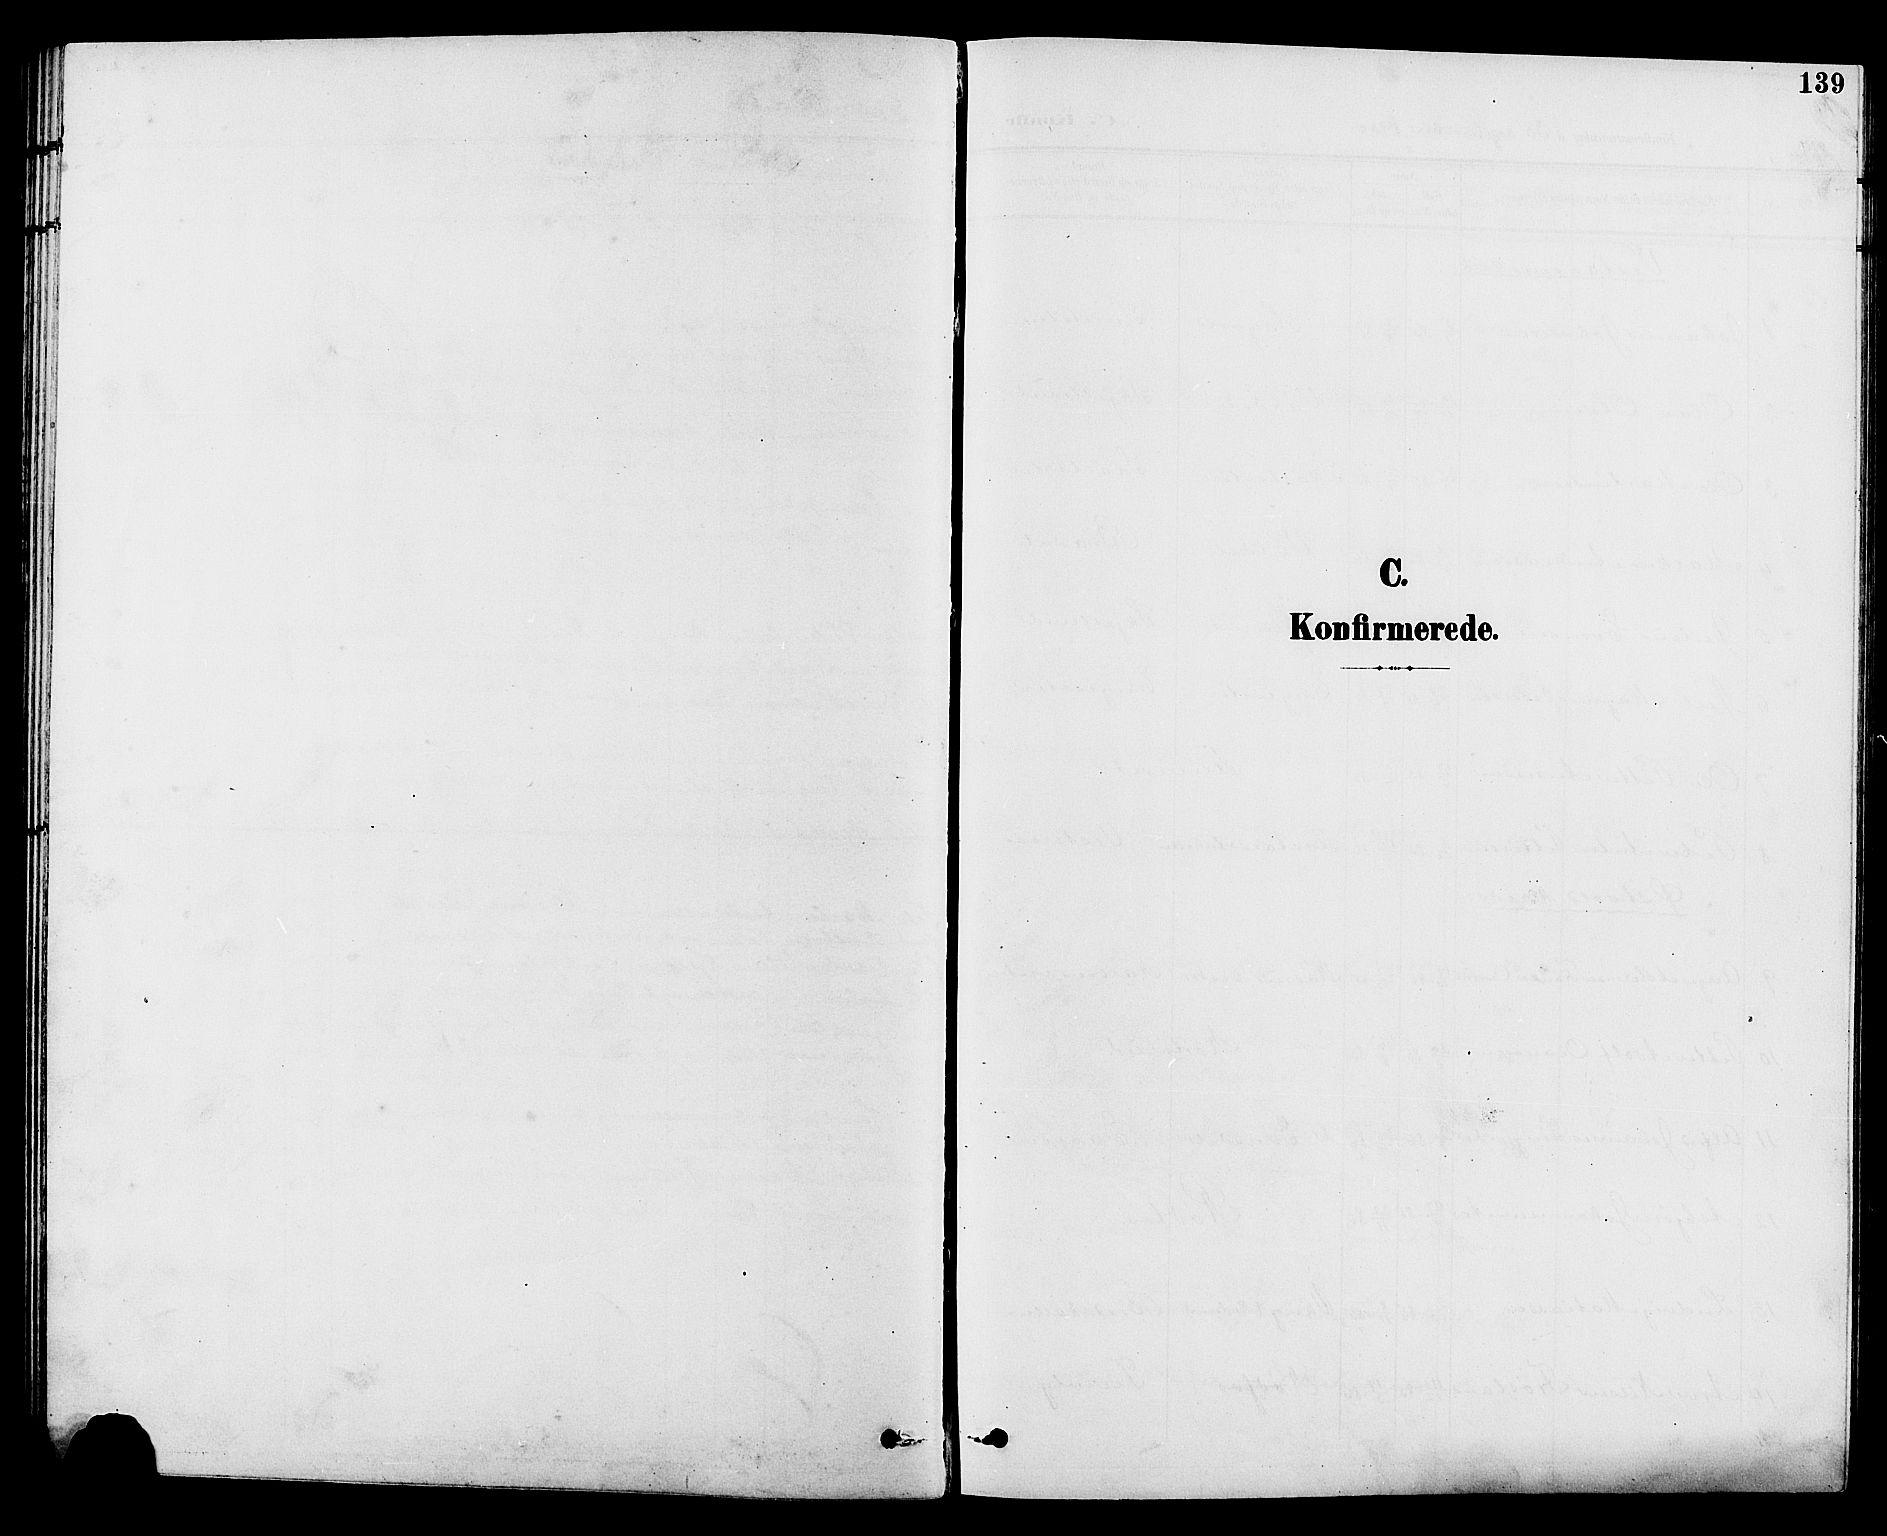 SAH, Vestre Toten prestekontor, Klokkerbok nr. 10, 1900-1912, s. 139